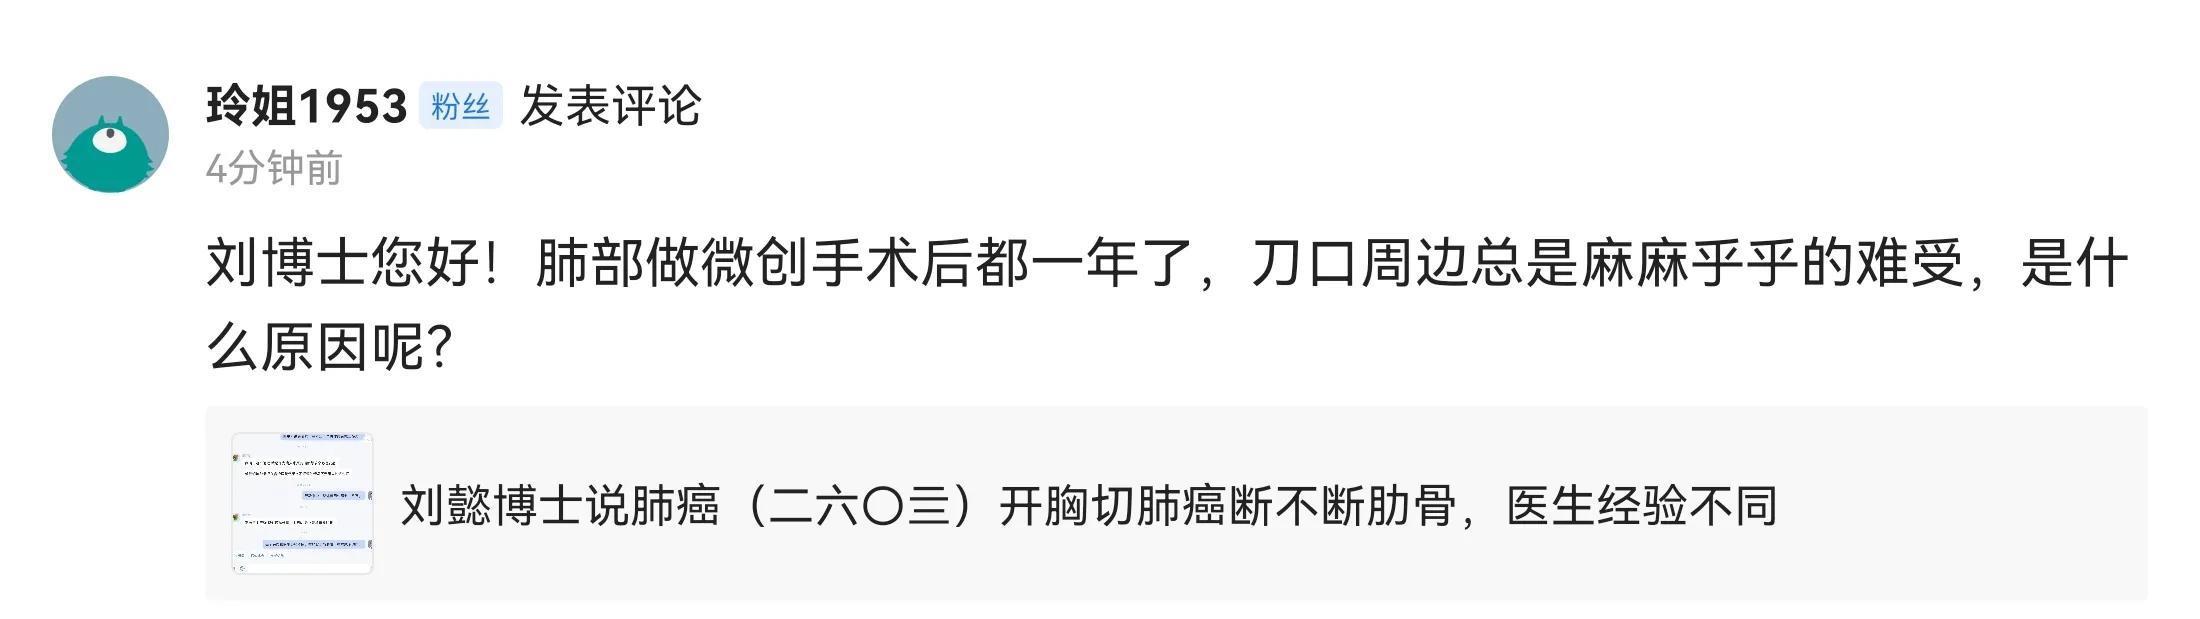 刘懿博士说肺癌(二六〇九)肺结节术后一年刀口周边麻是什么原因